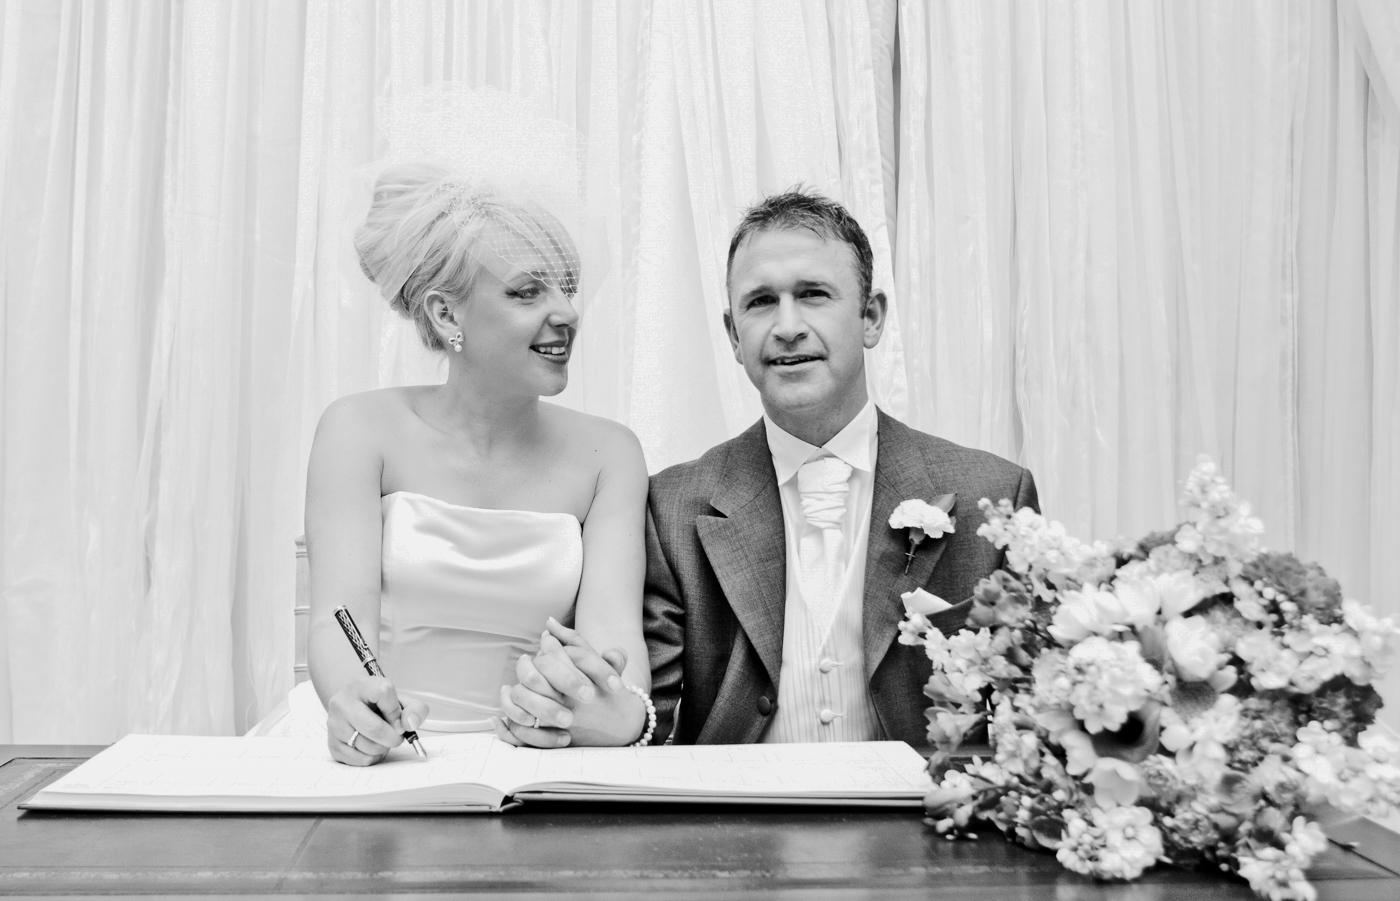 144 Keedy and Carl at The Secret Garden in Retford  - Wedding Photography by Mark Pugh www.markpugh.com_.jpg